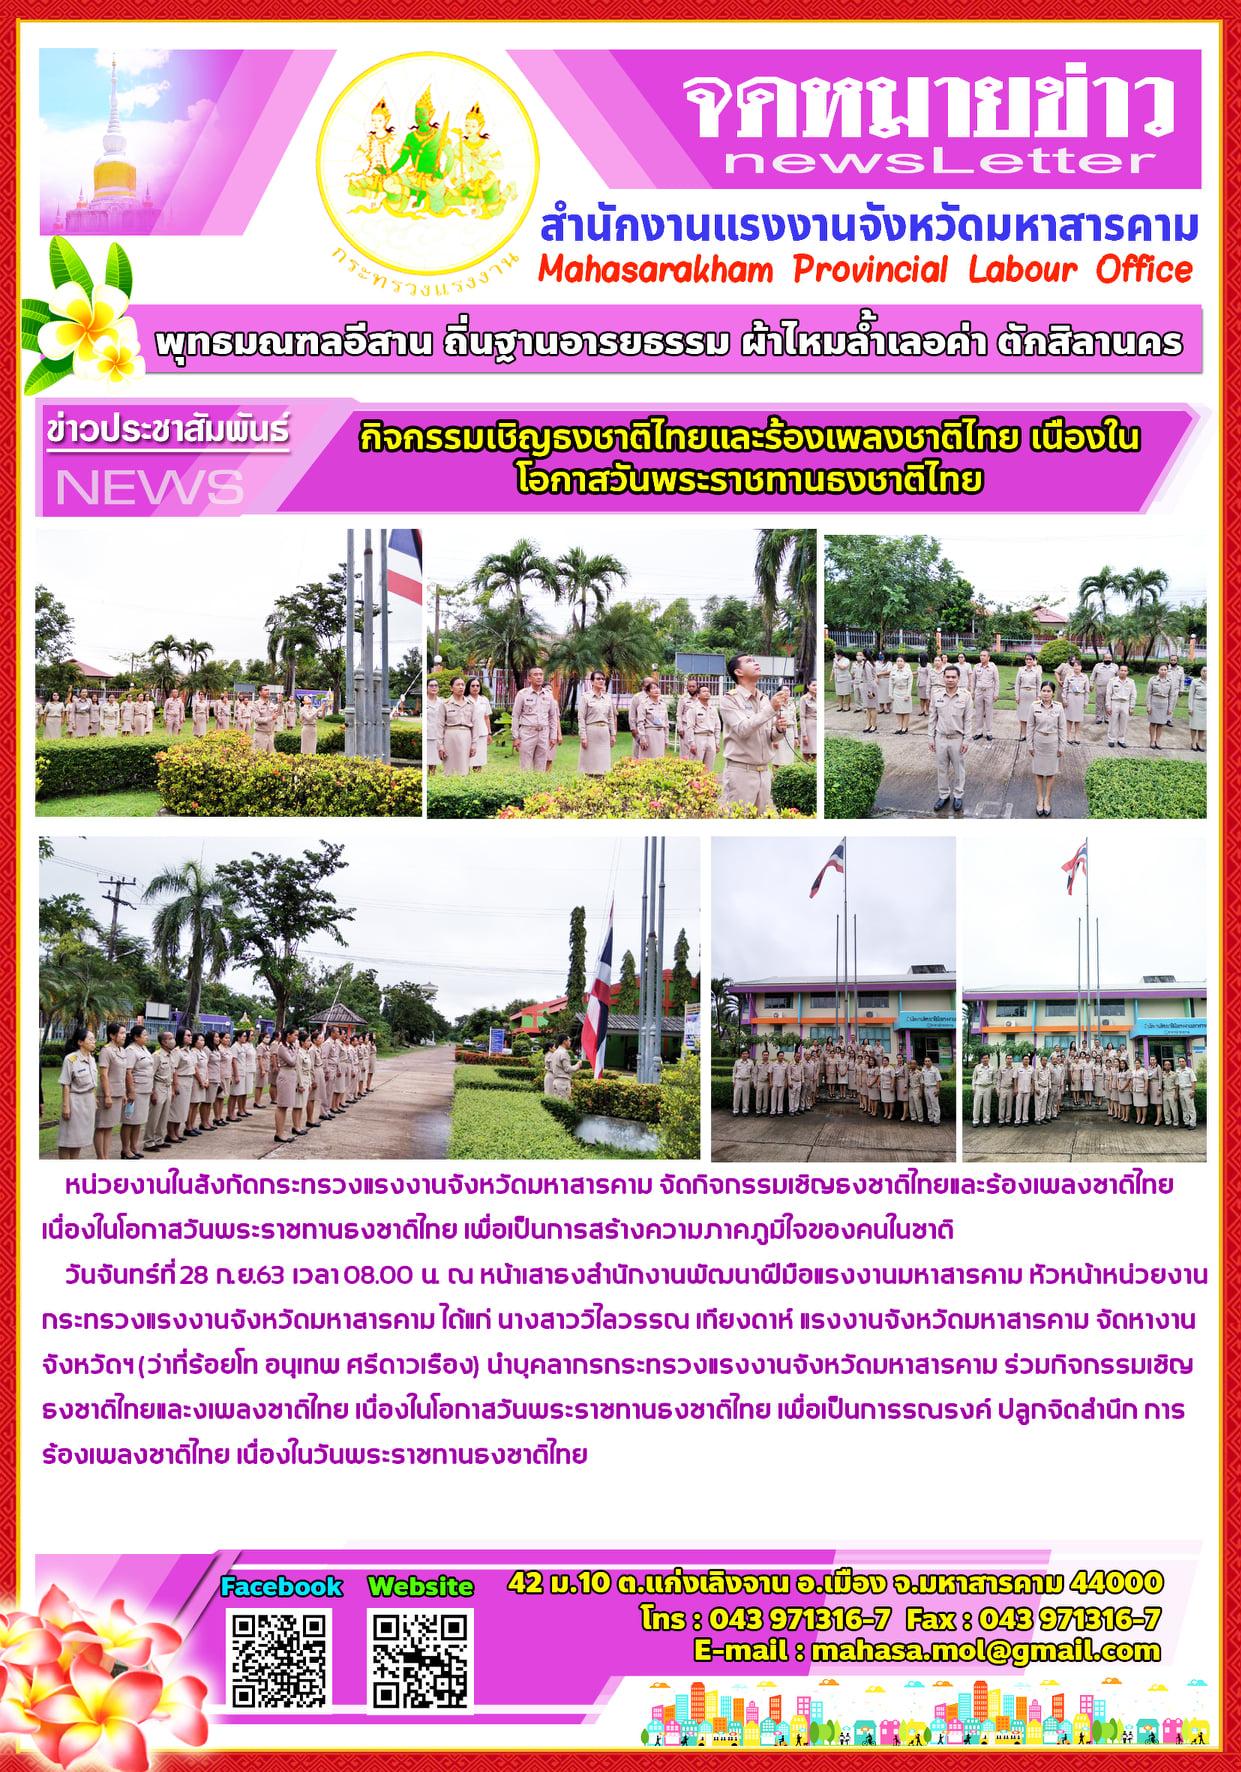 หน่วยงานในสังกัดกระทรวงแรงงานจังหวัดมหาสารคาม จัดกิจกรรมเชิญธงชาติไทยและร้องเพลงชาติไทย เนื่องในโอกาสวันพระราชทานธงชาติไทย เพื่อเป็นการสร้างความภาคภูมิใจของคนในชาติ